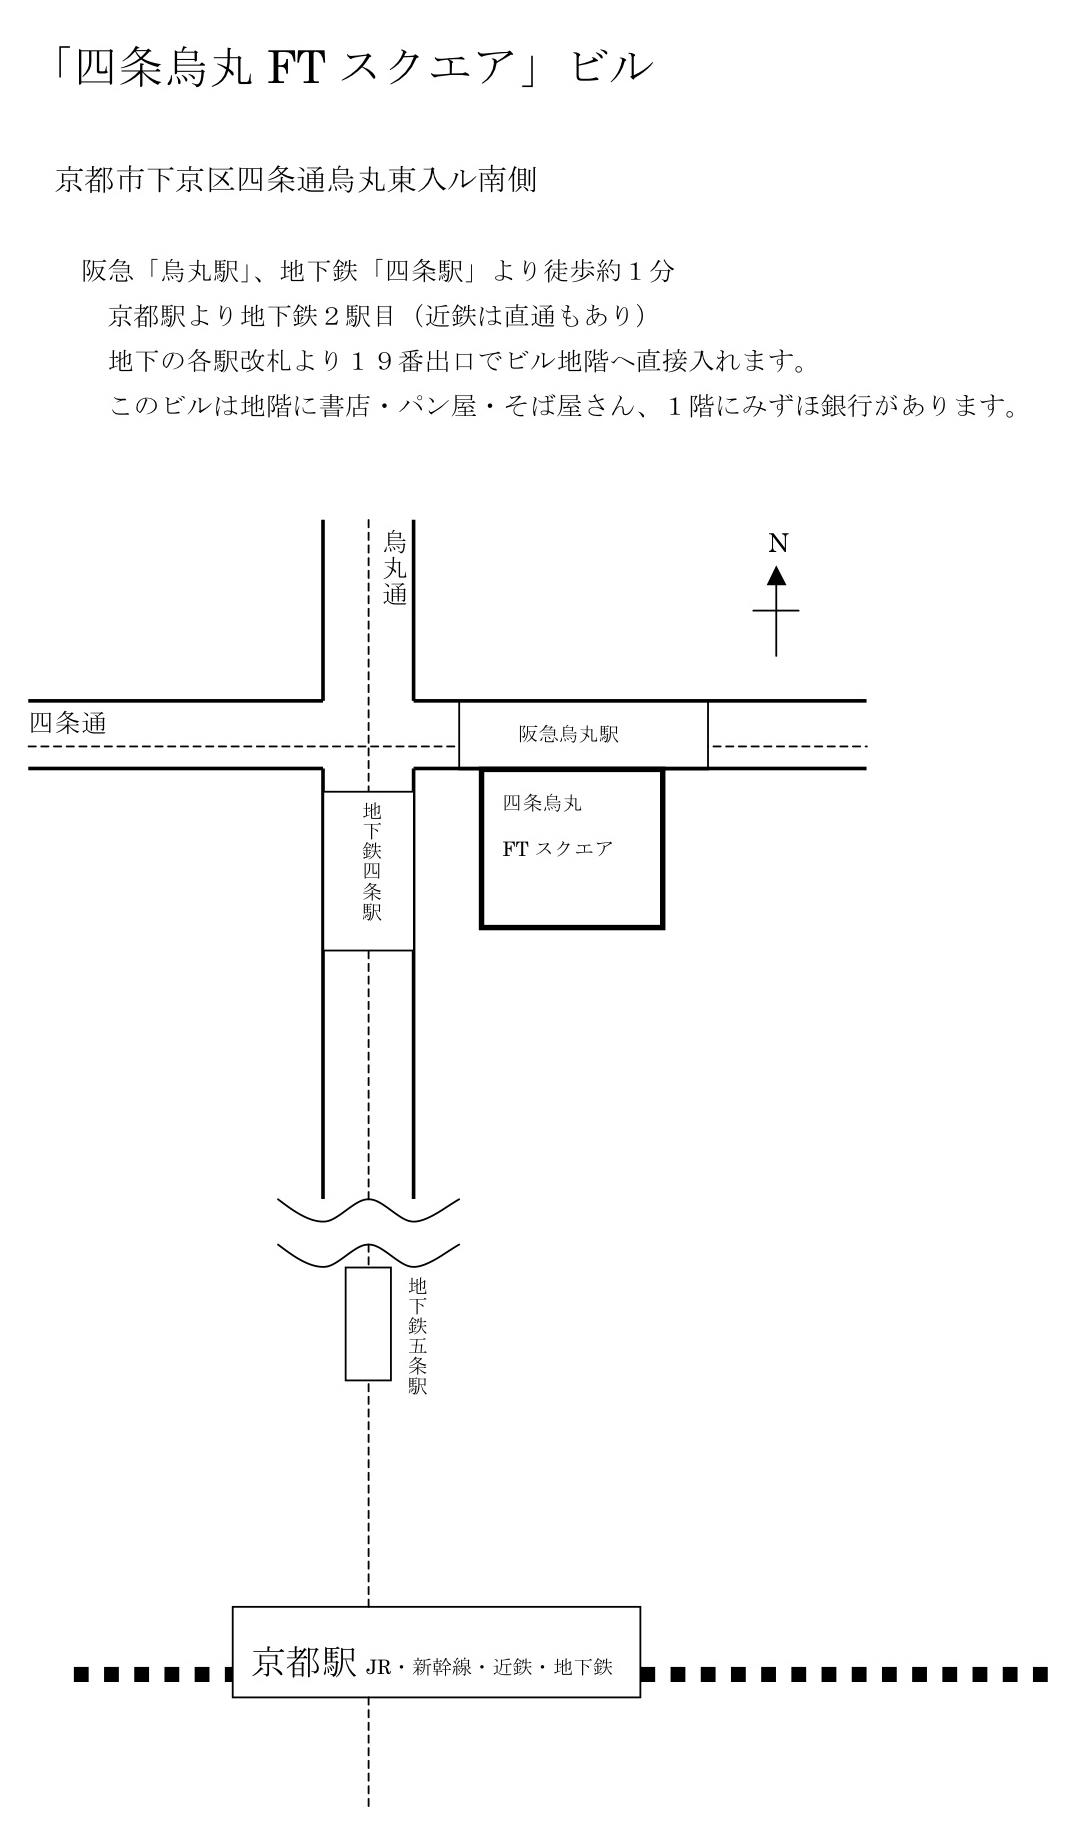 四条烏丸FTスクエアビル地図